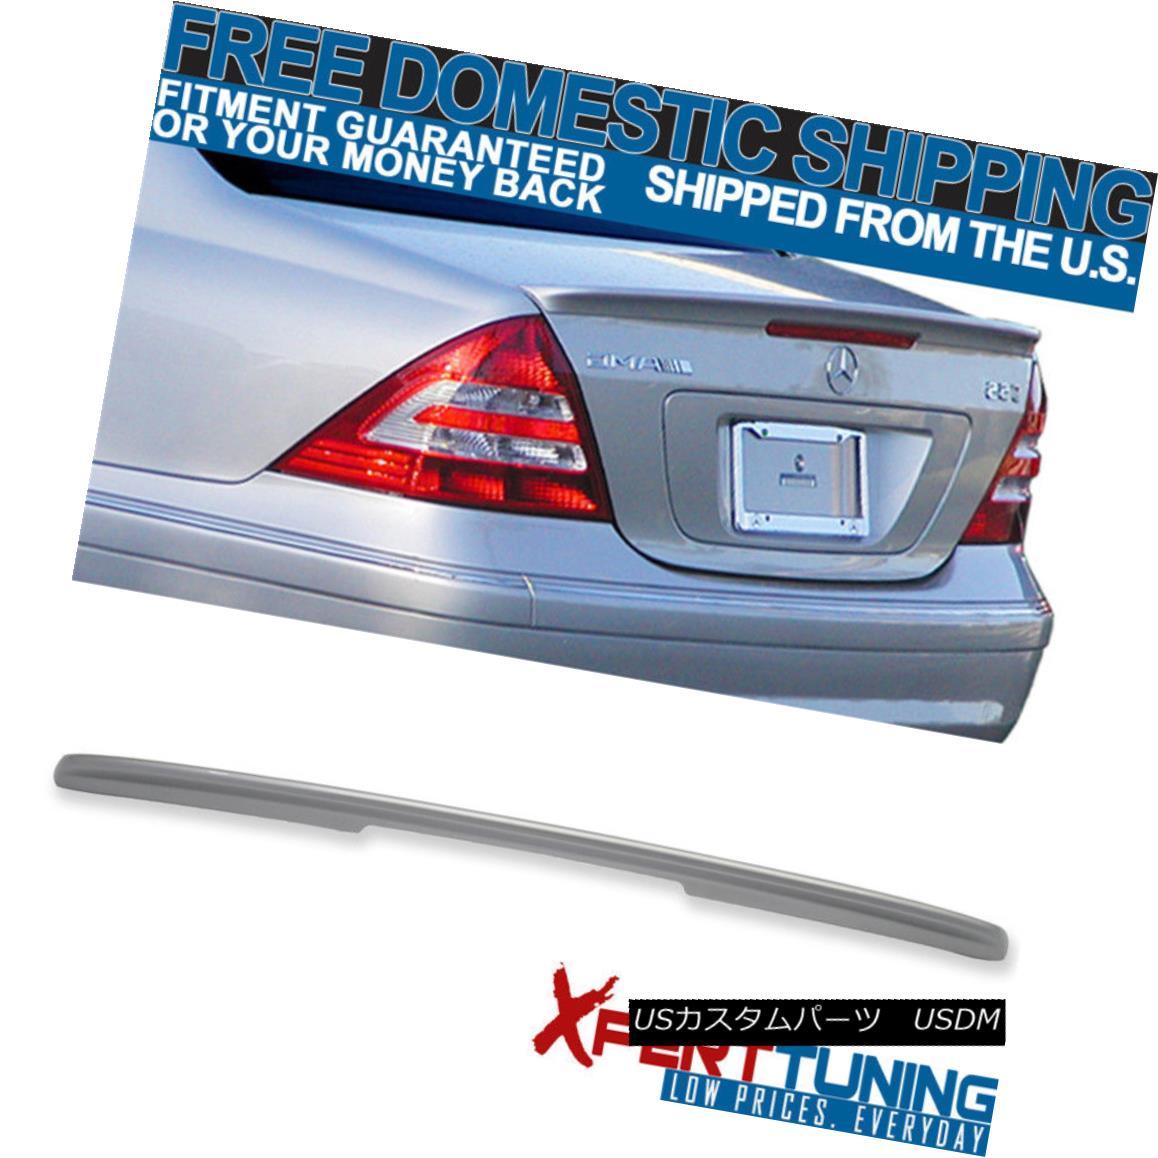 エアロパーツ 01 02 03 04 05 06 07 Benz C-class W203 4Dr AMG Painted #744 775 Trunk Spoiler 01 02 03 04 05 06 07ベンツCクラスW203 4Dr AMG塗装#744 775トランク・スポイラー